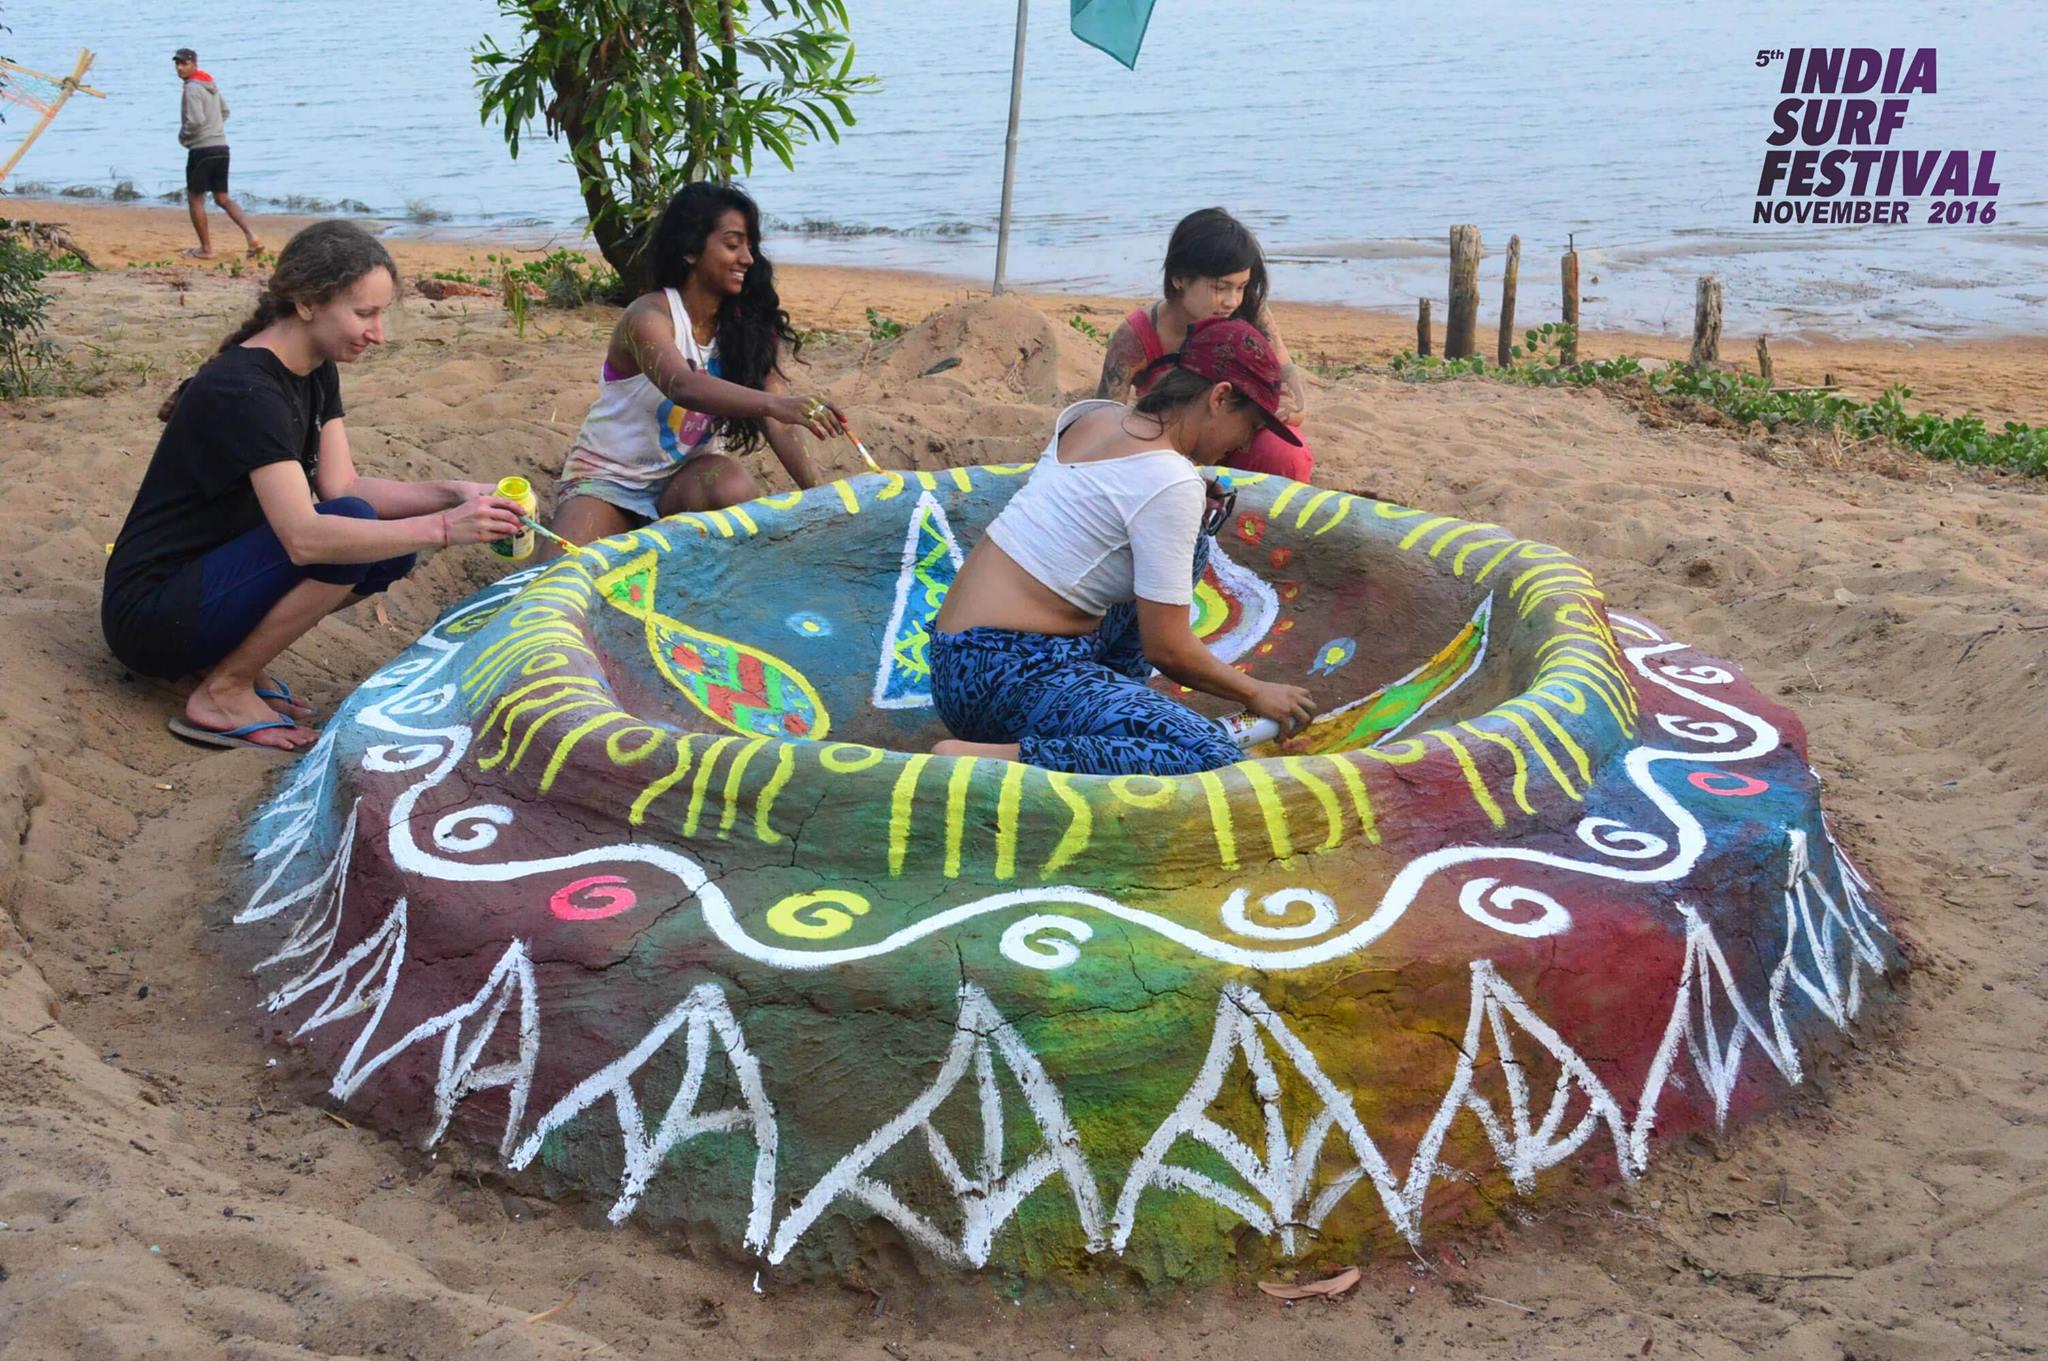 India surf festival 2016 volunteer bbsrbuzz